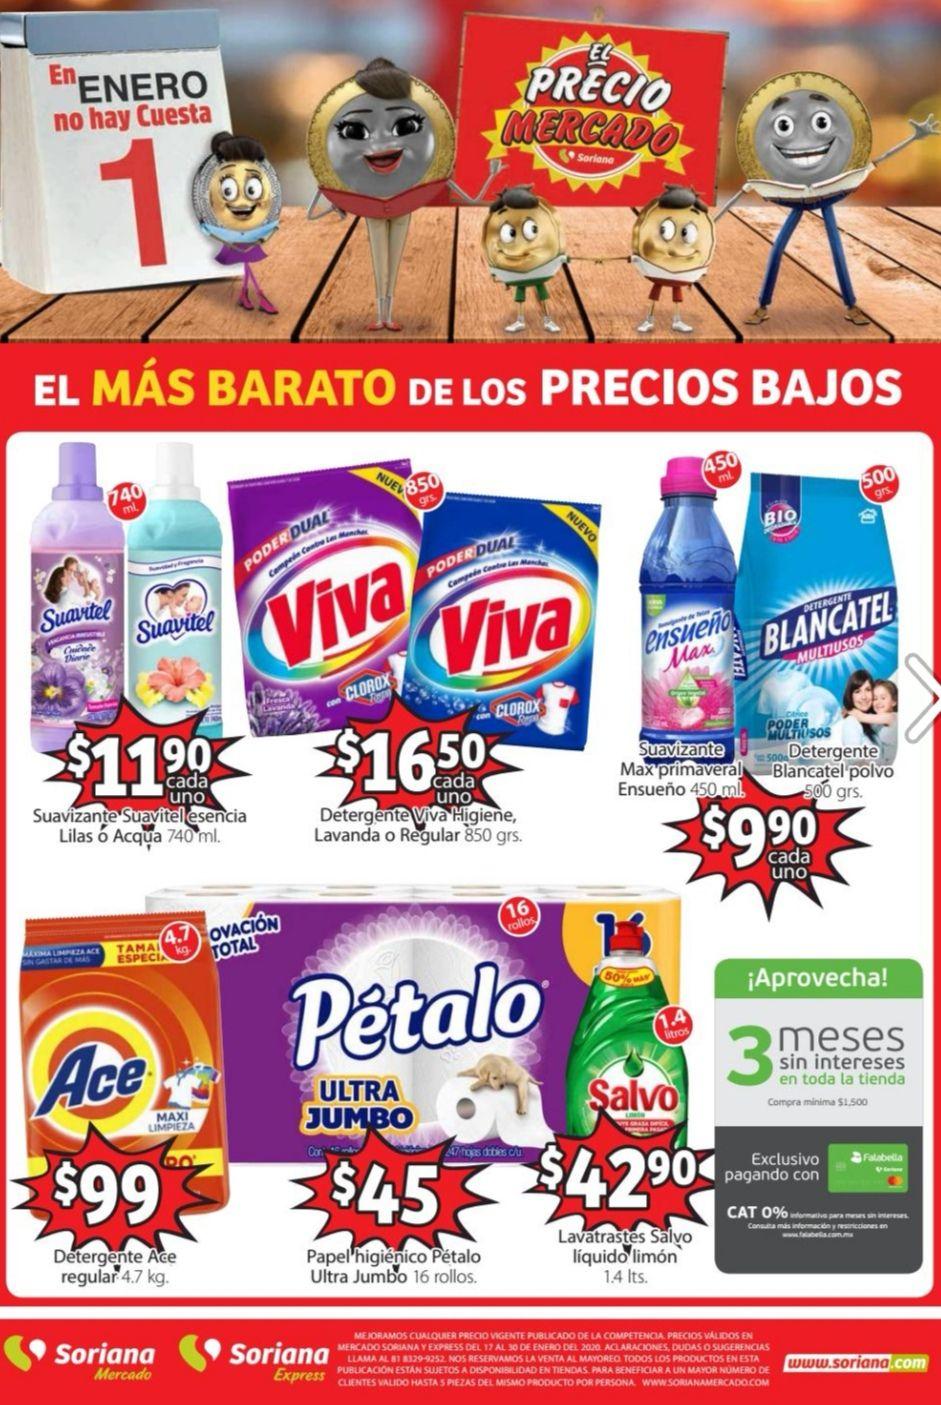 Soriana Mercado y Express: Folleto de Ofertas Quincenal del Viernes 17 al Jueves 30 de Enero